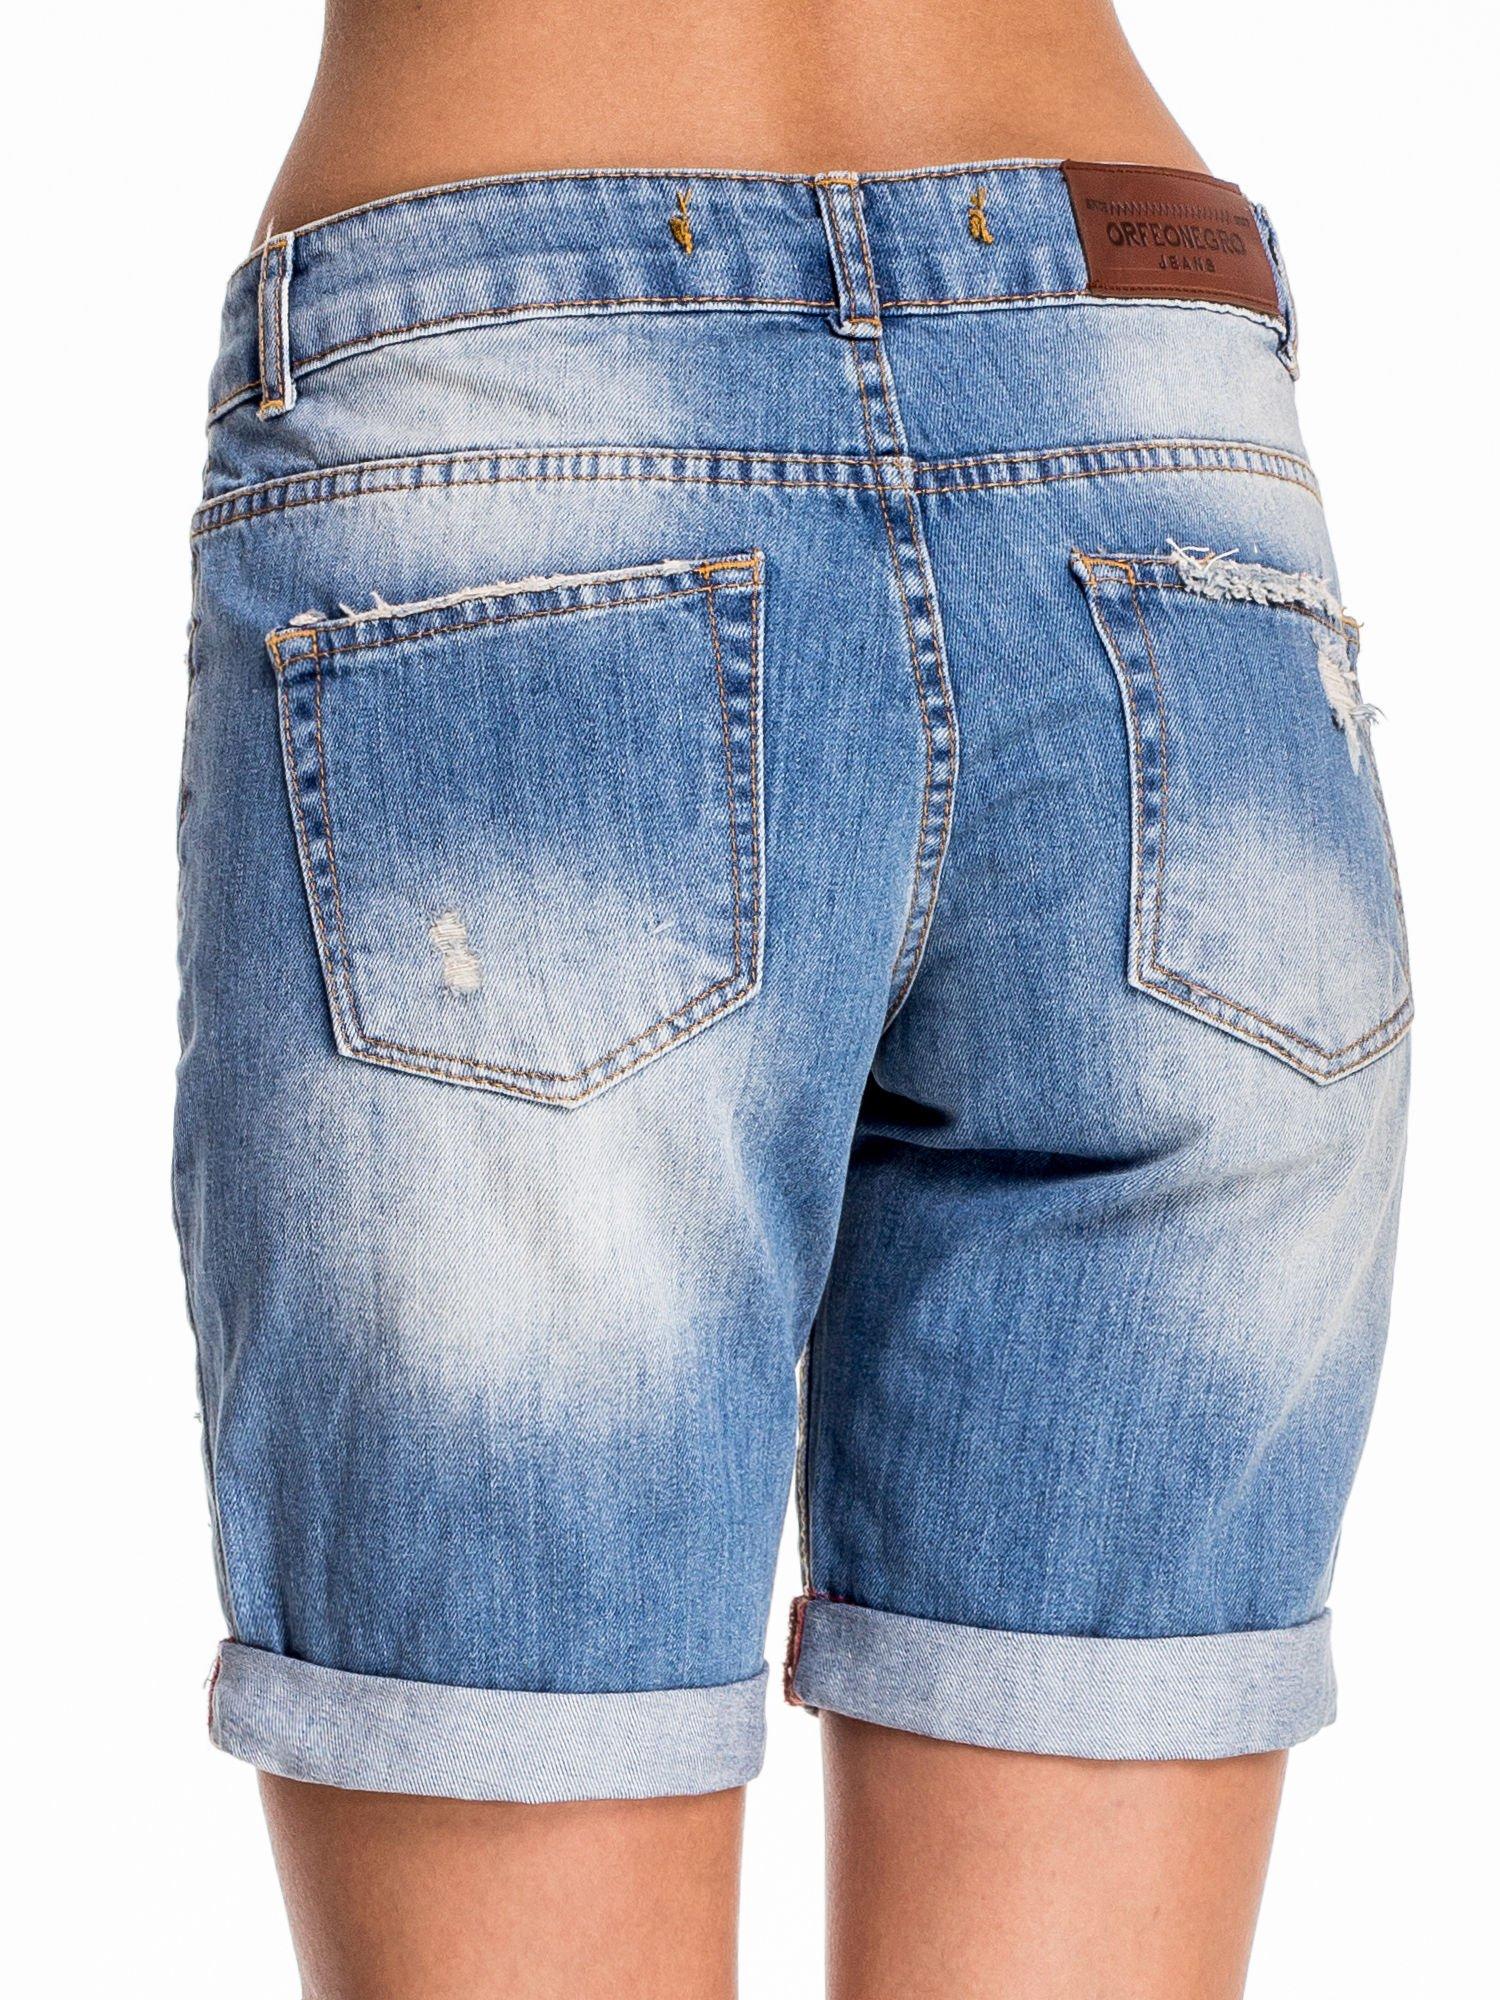 Jasnoniebieskie jeansowe szorty z podwijaną nogawką                                  zdj.                                  4